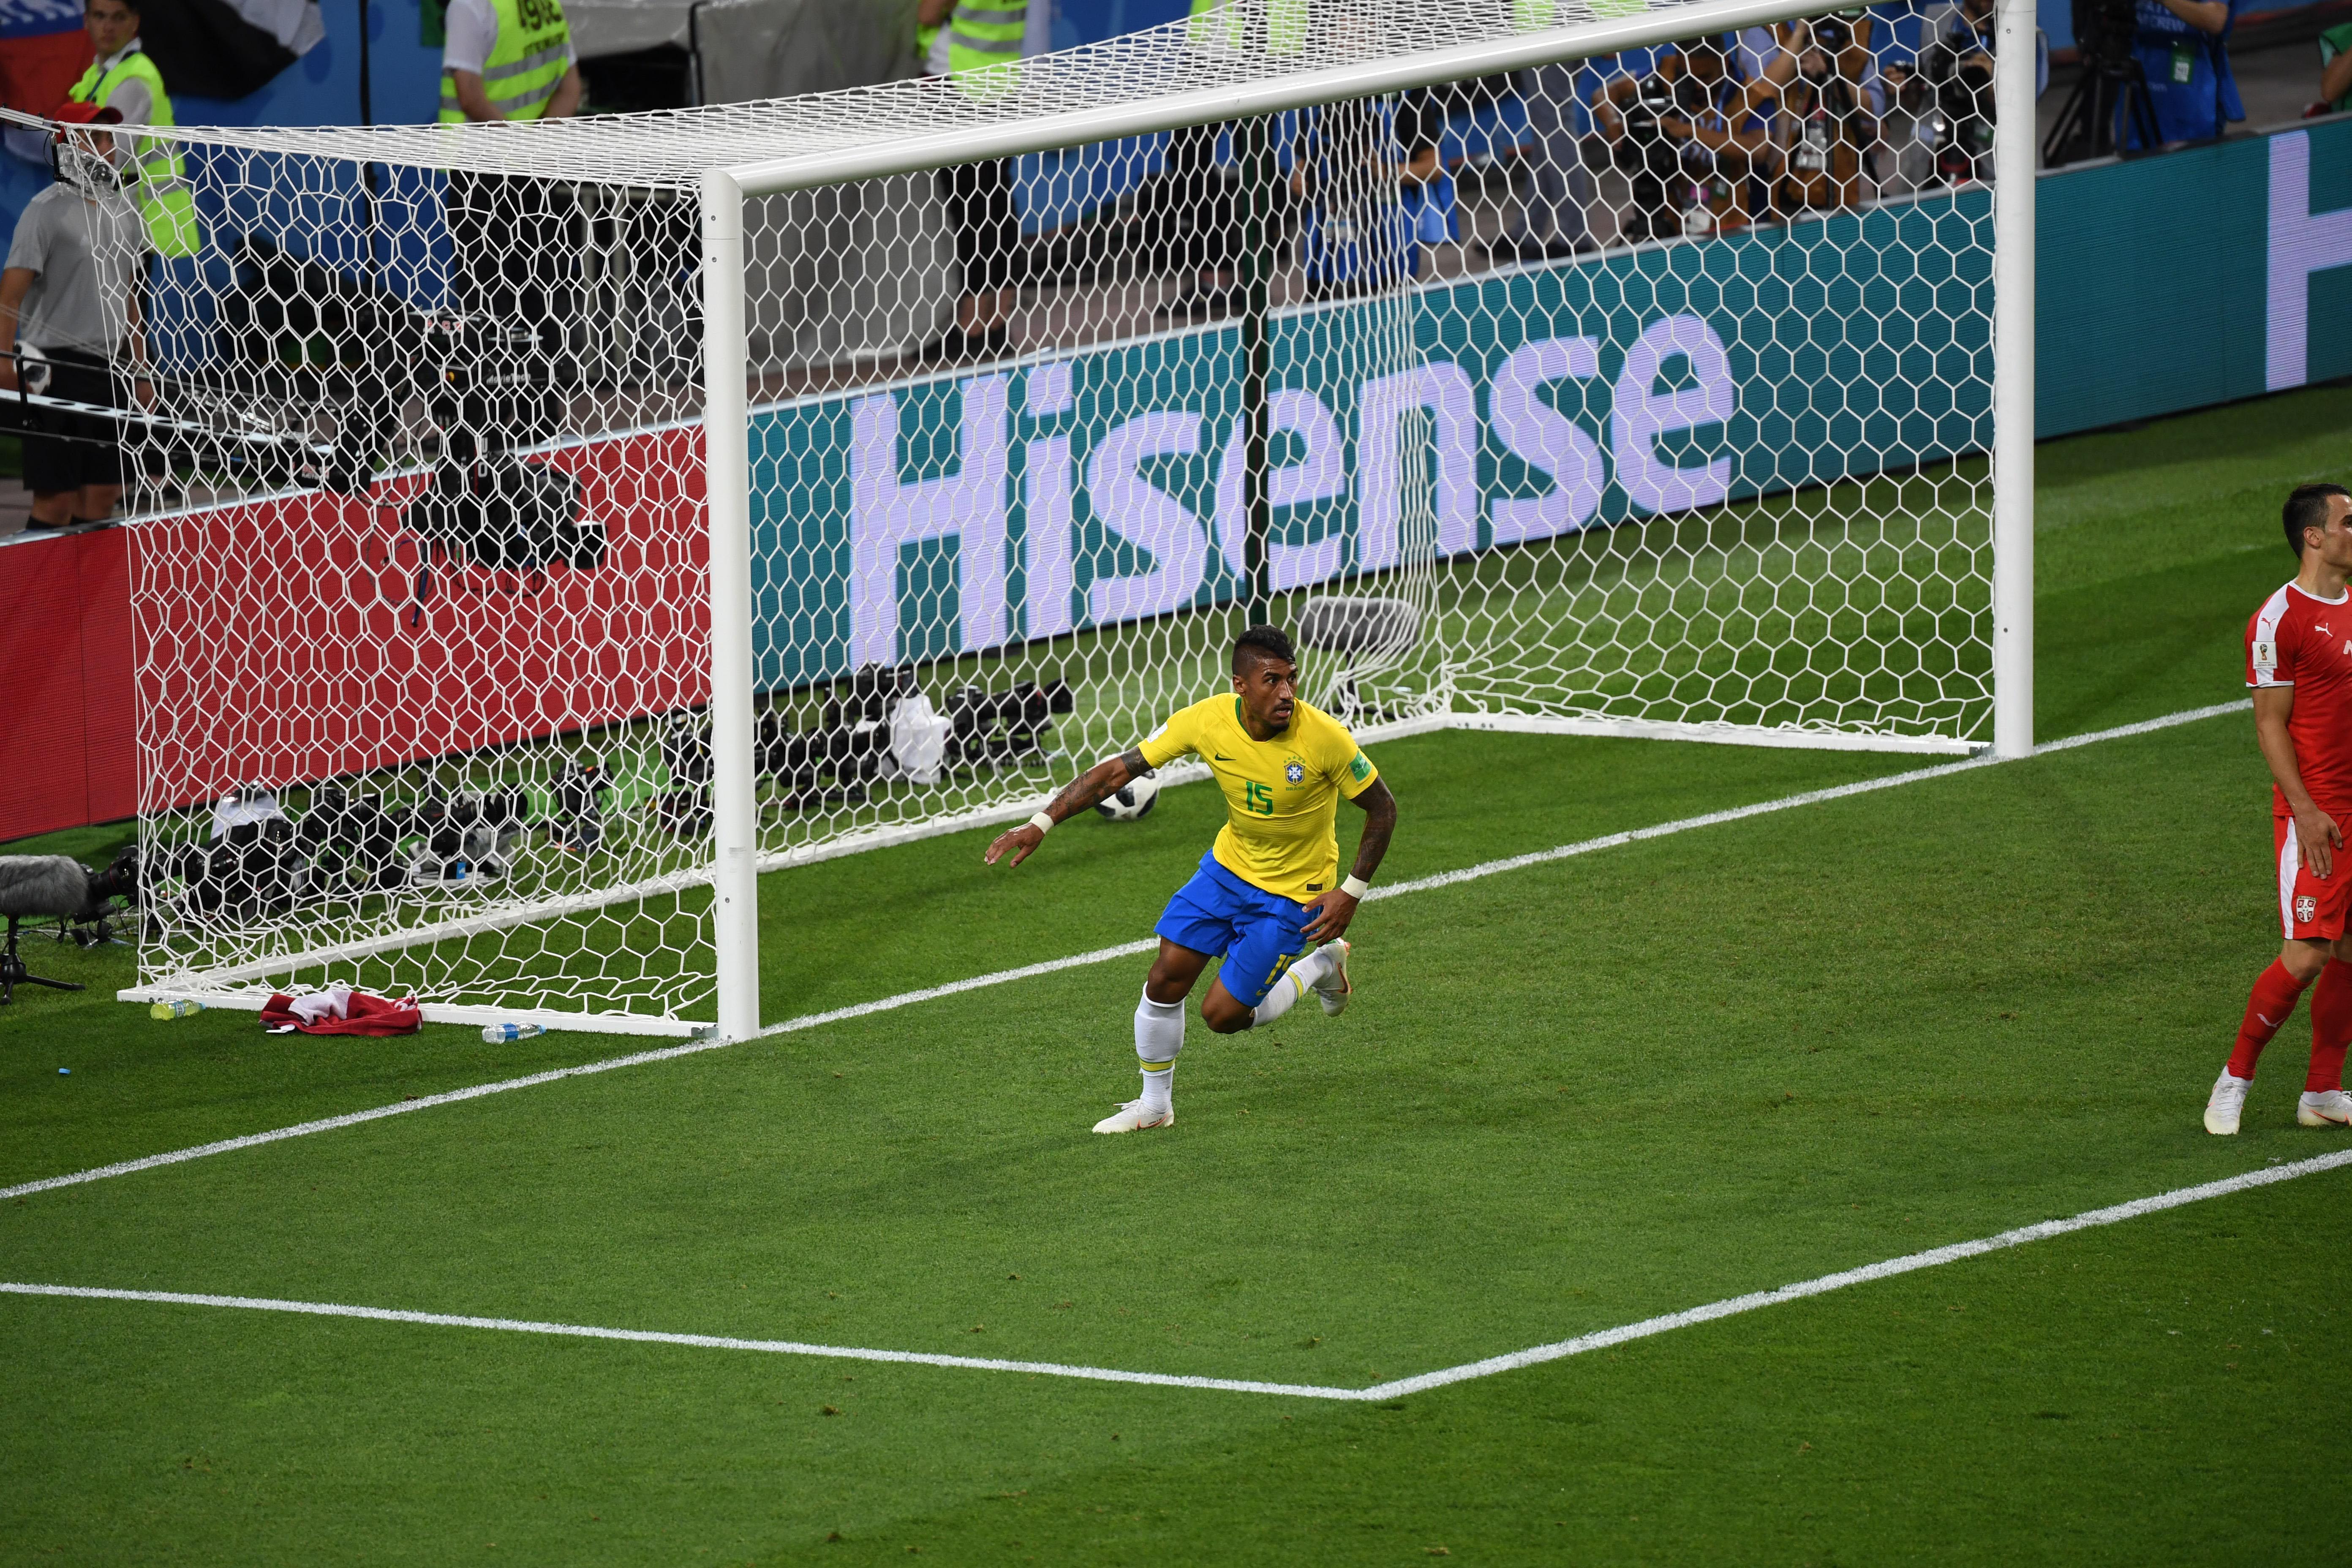 保利尼奥在今夏世界杯上斩获进球